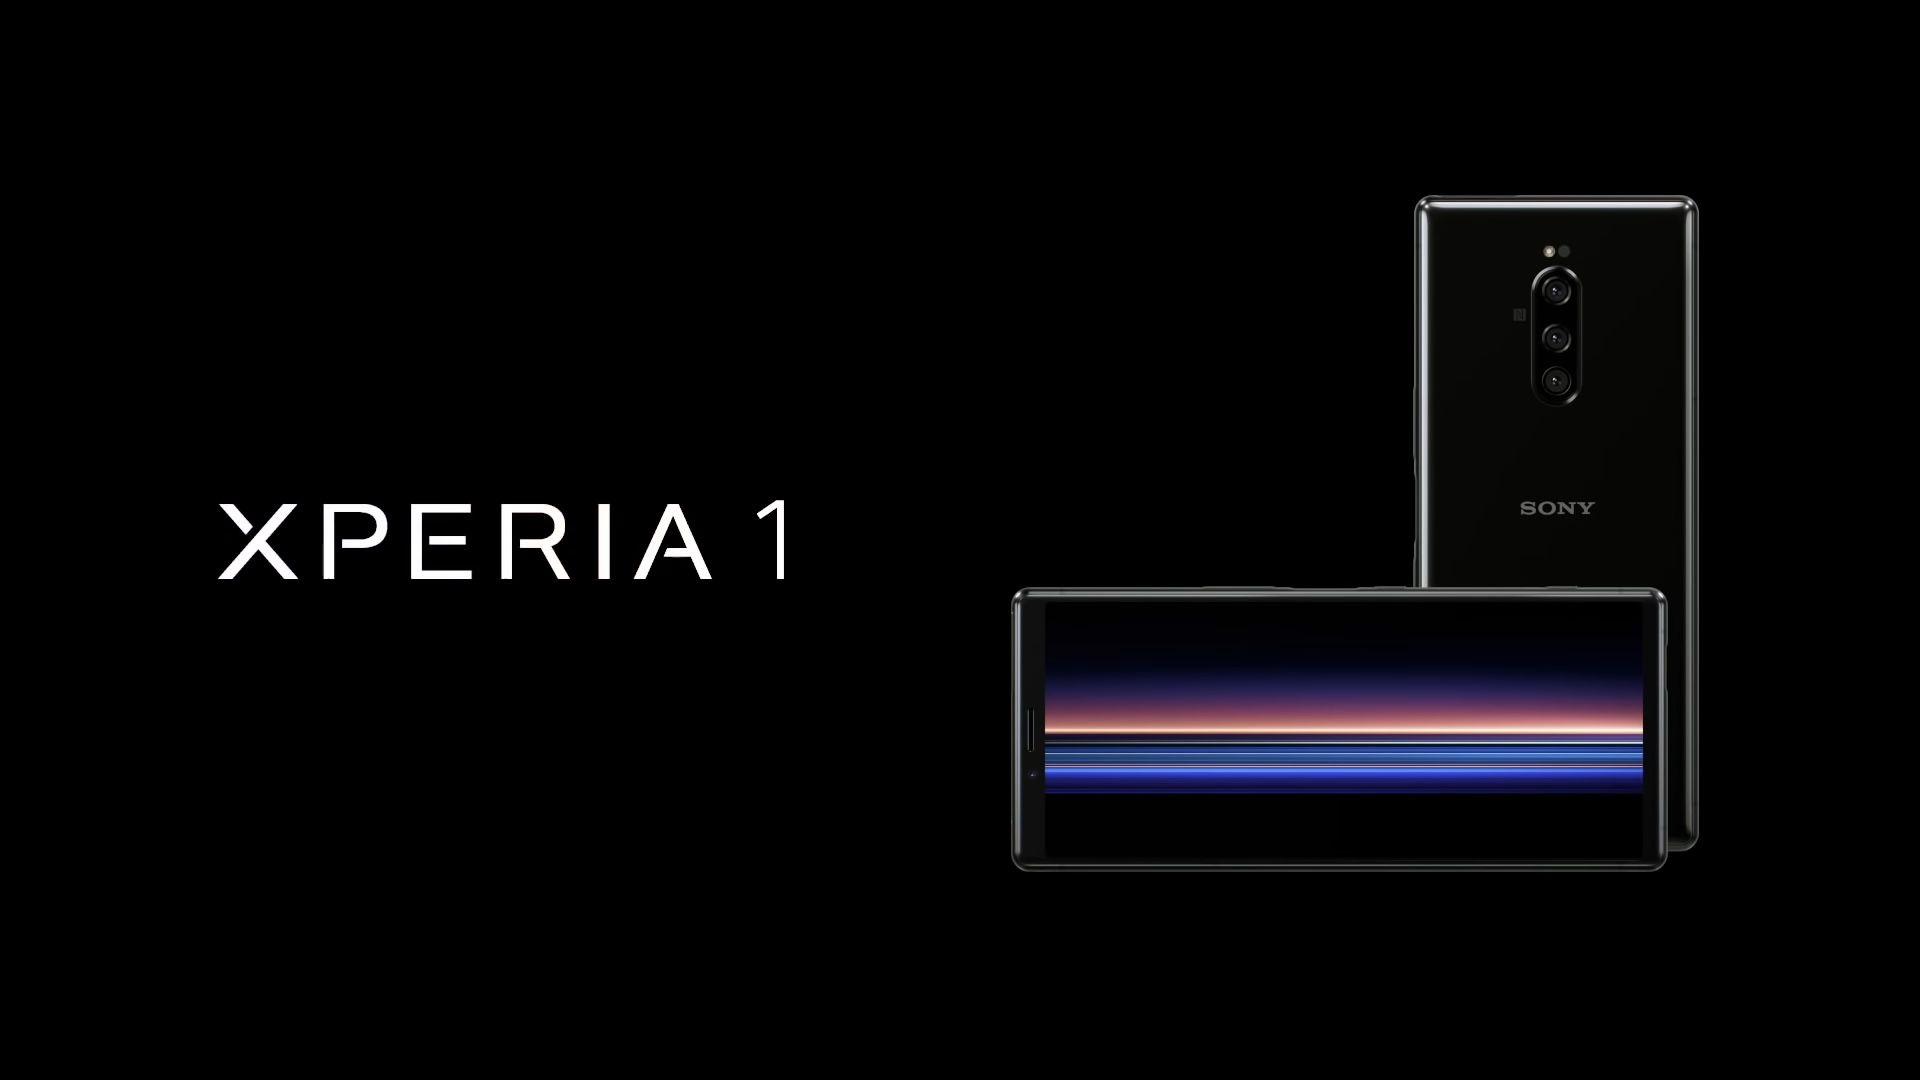 Sony Xperia 1 presentato ufficialmente: ha una forma che può sembrare strana, ma in realtà è quasi perfetto